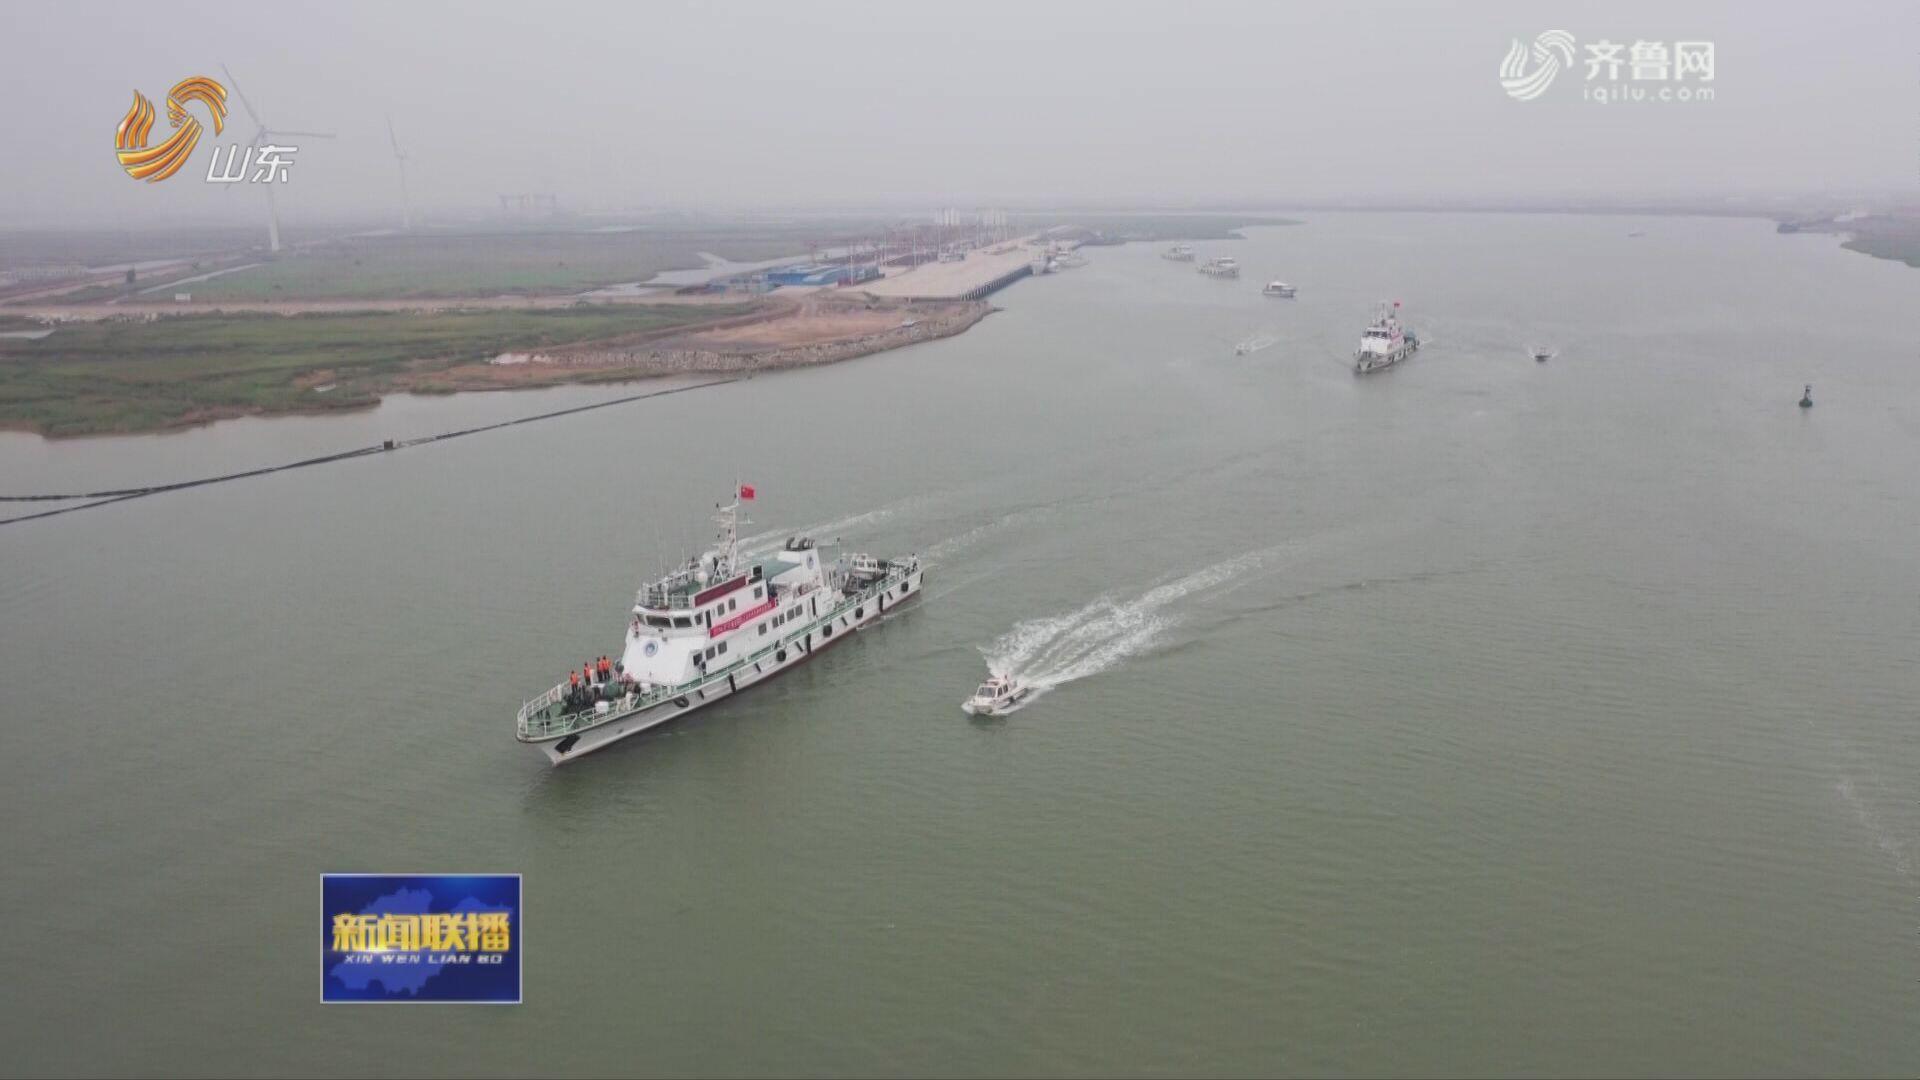 山东渔业船舶水上安全突发事件应急救援演练在寿光举行